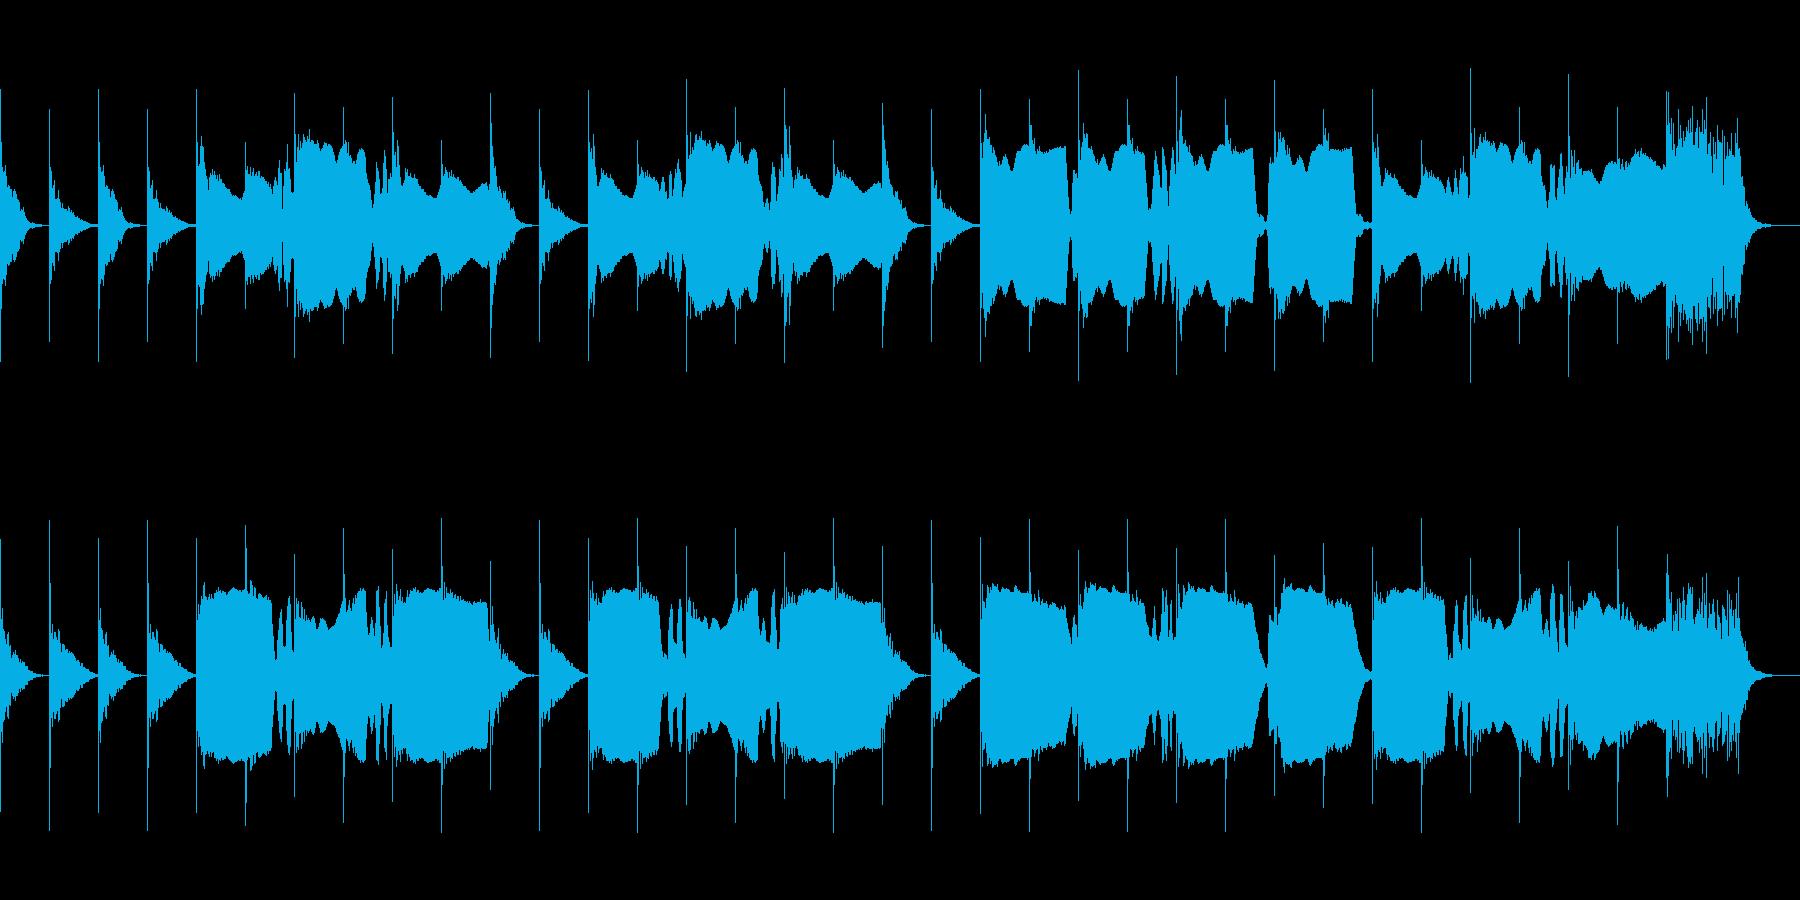 第一葬送曲の再生済みの波形